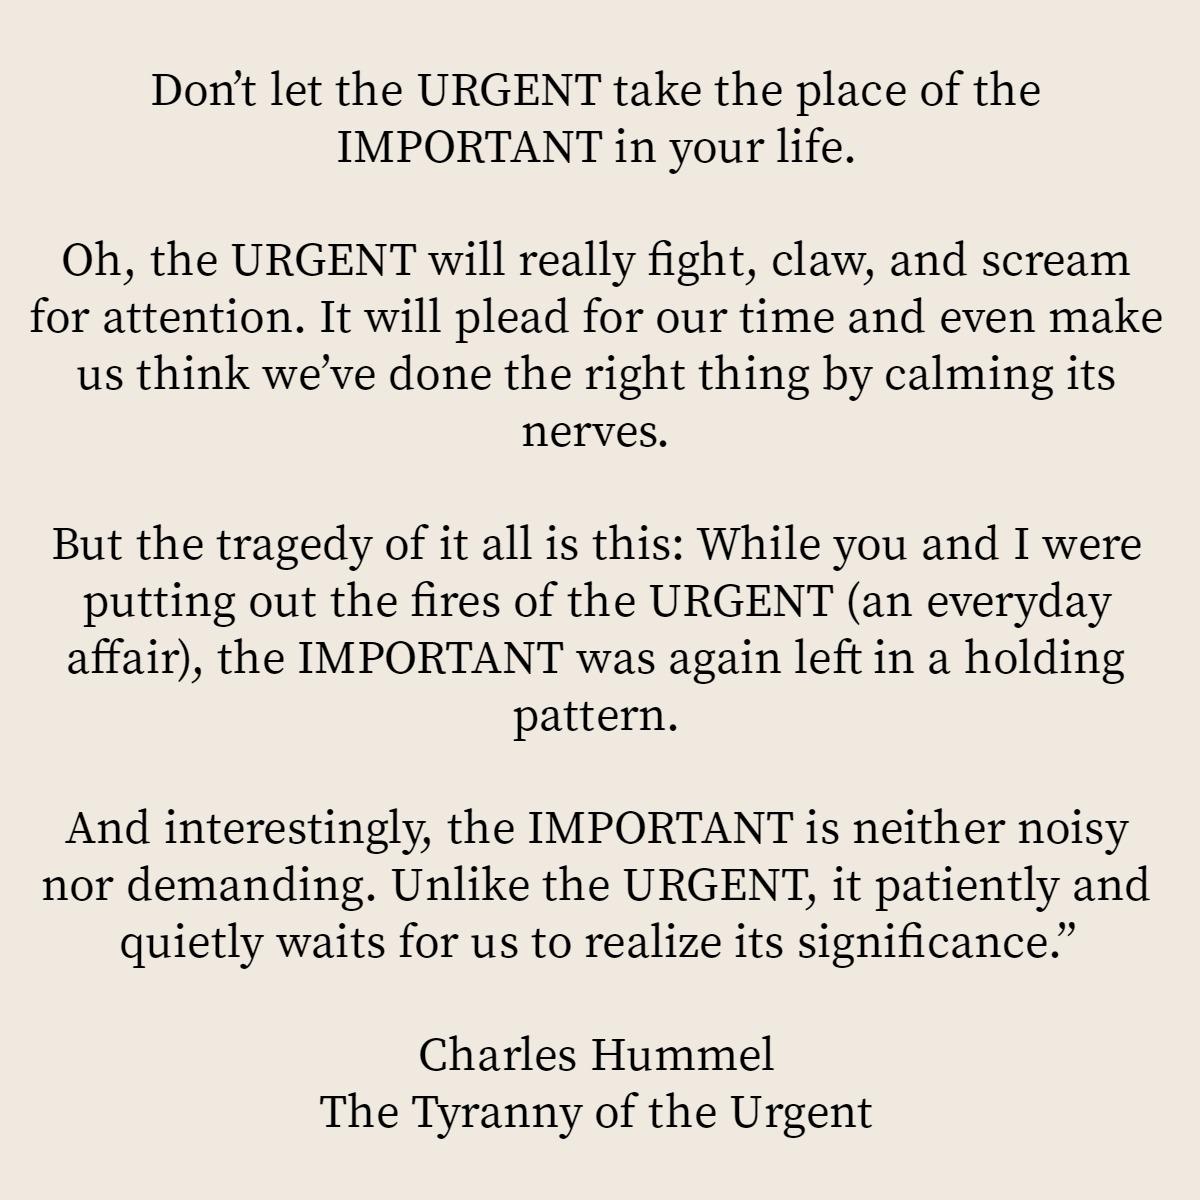 importantvsurgent